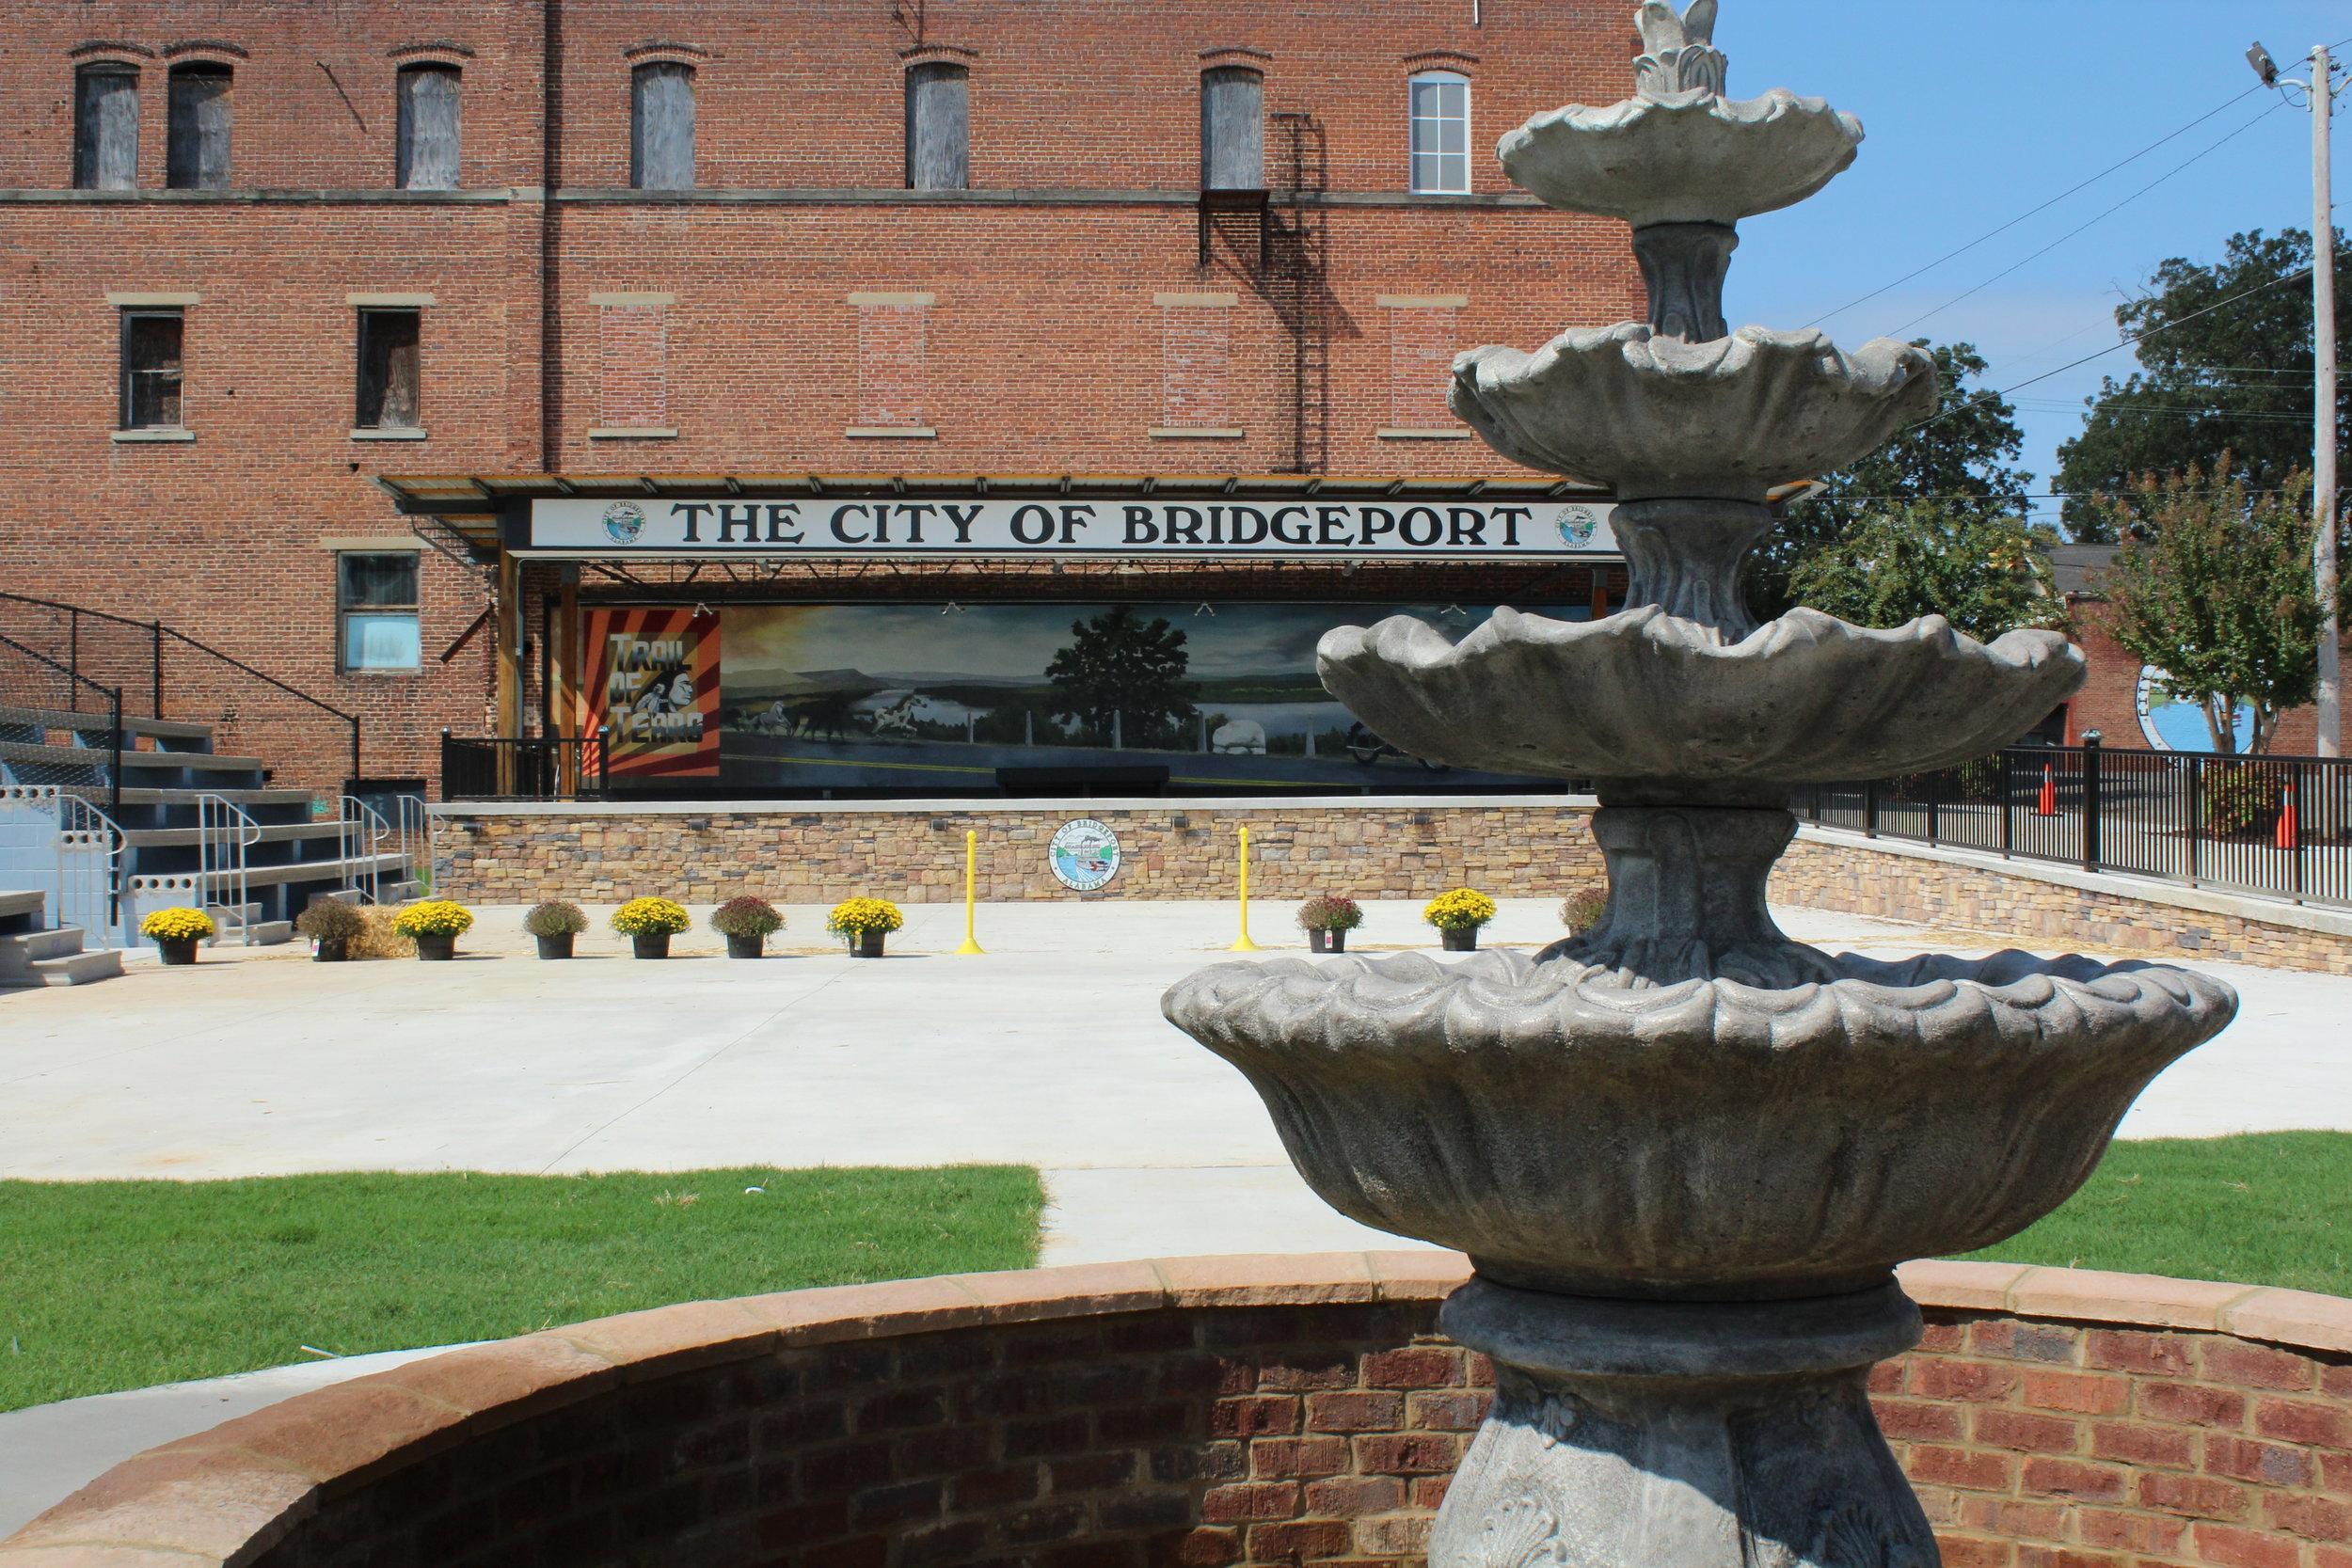 Downtown Bridgeport Alabama